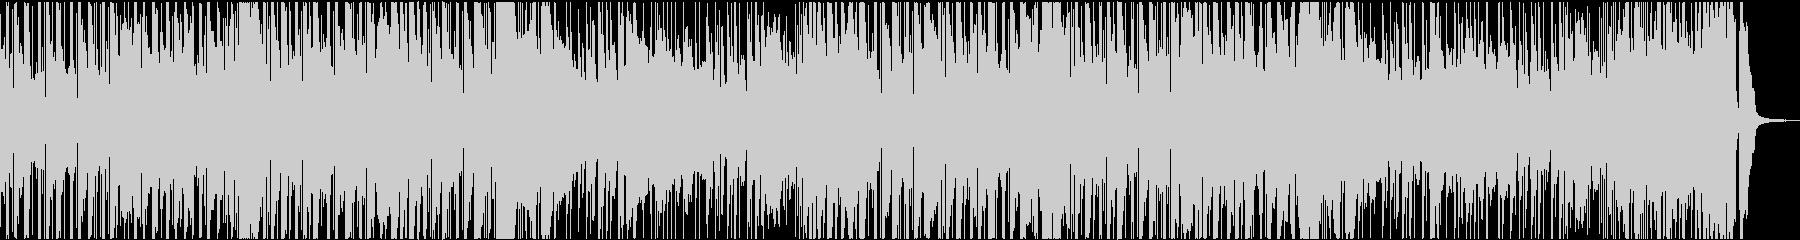 ピアノx民族楽器 お洒落なラテンファンクの未再生の波形